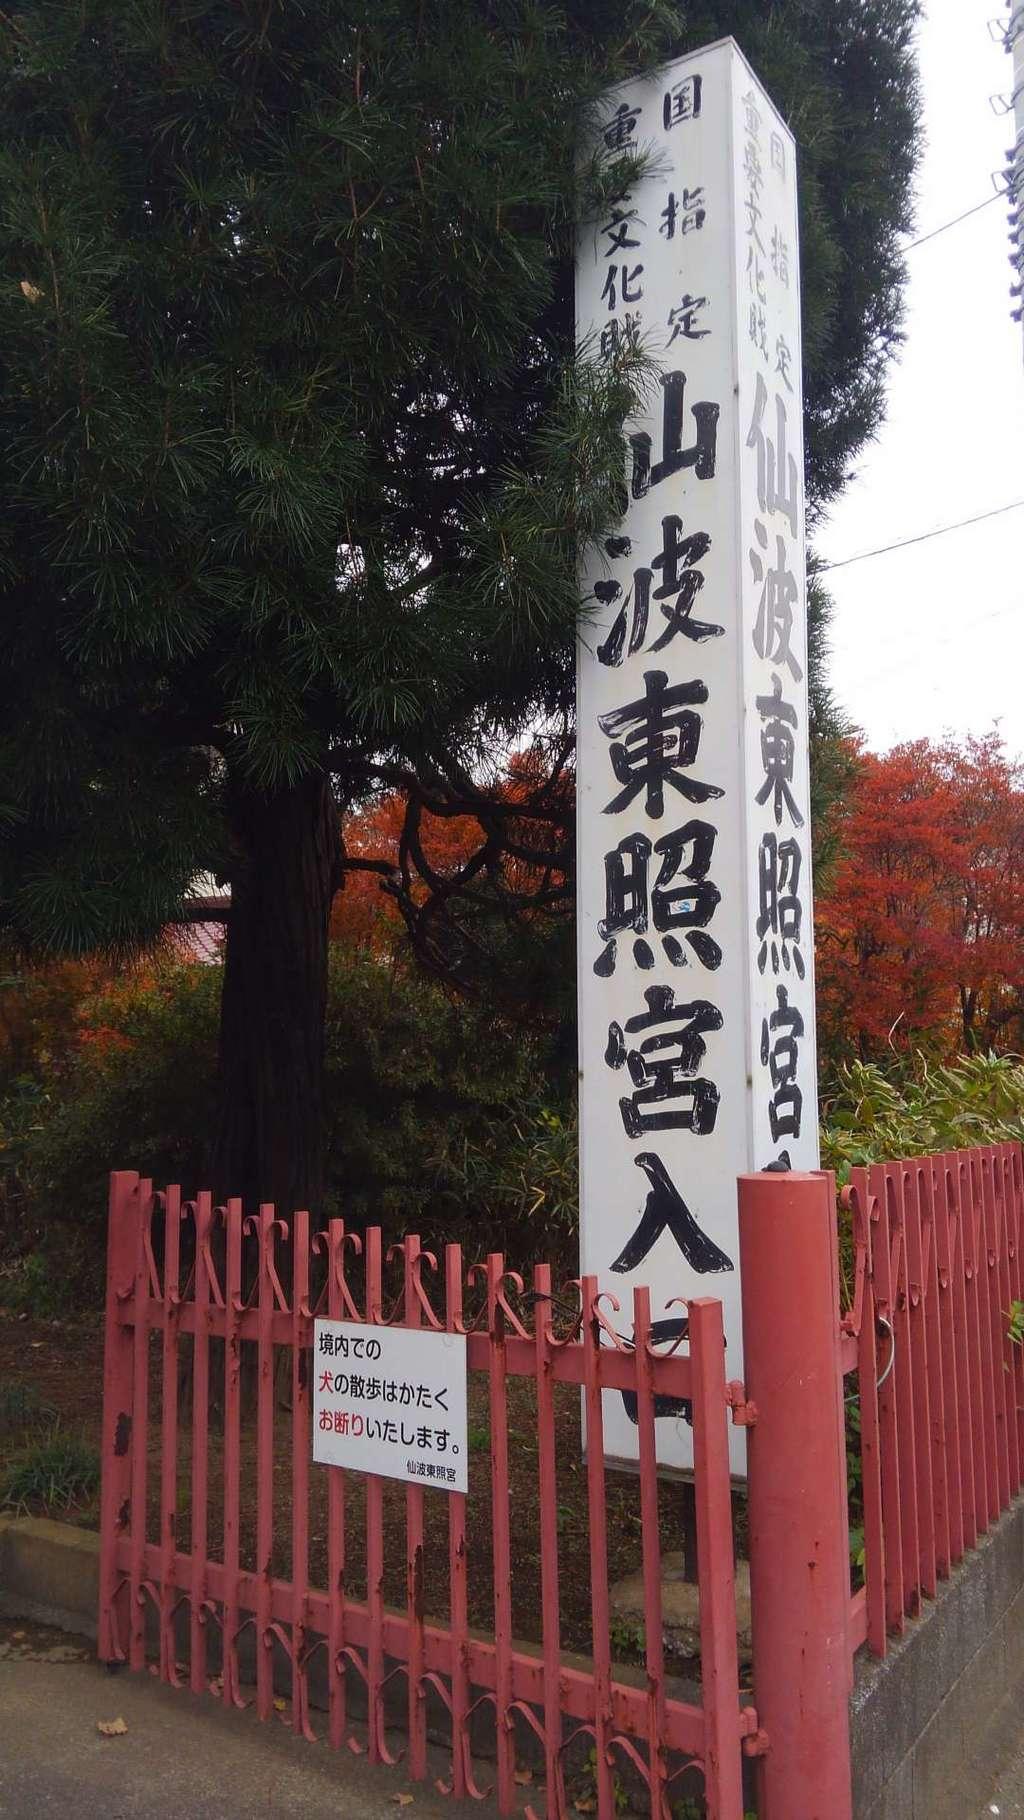 仙波東照宮(埼玉県)